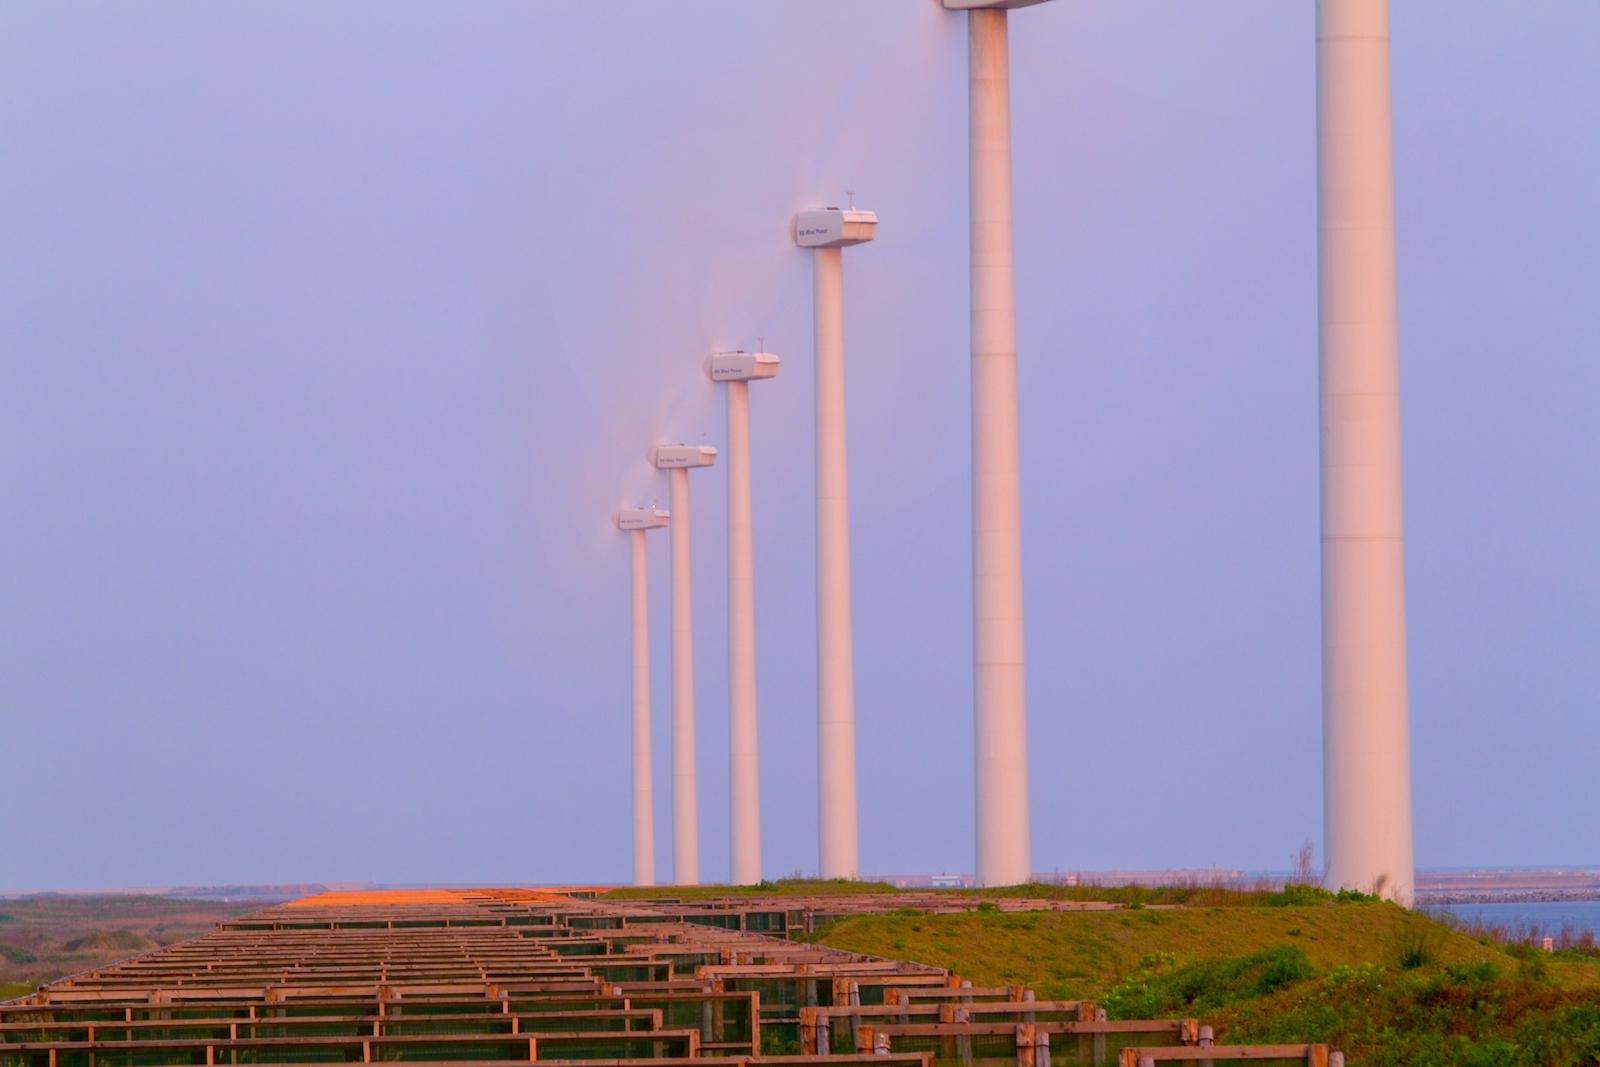 響灘風力発電施設